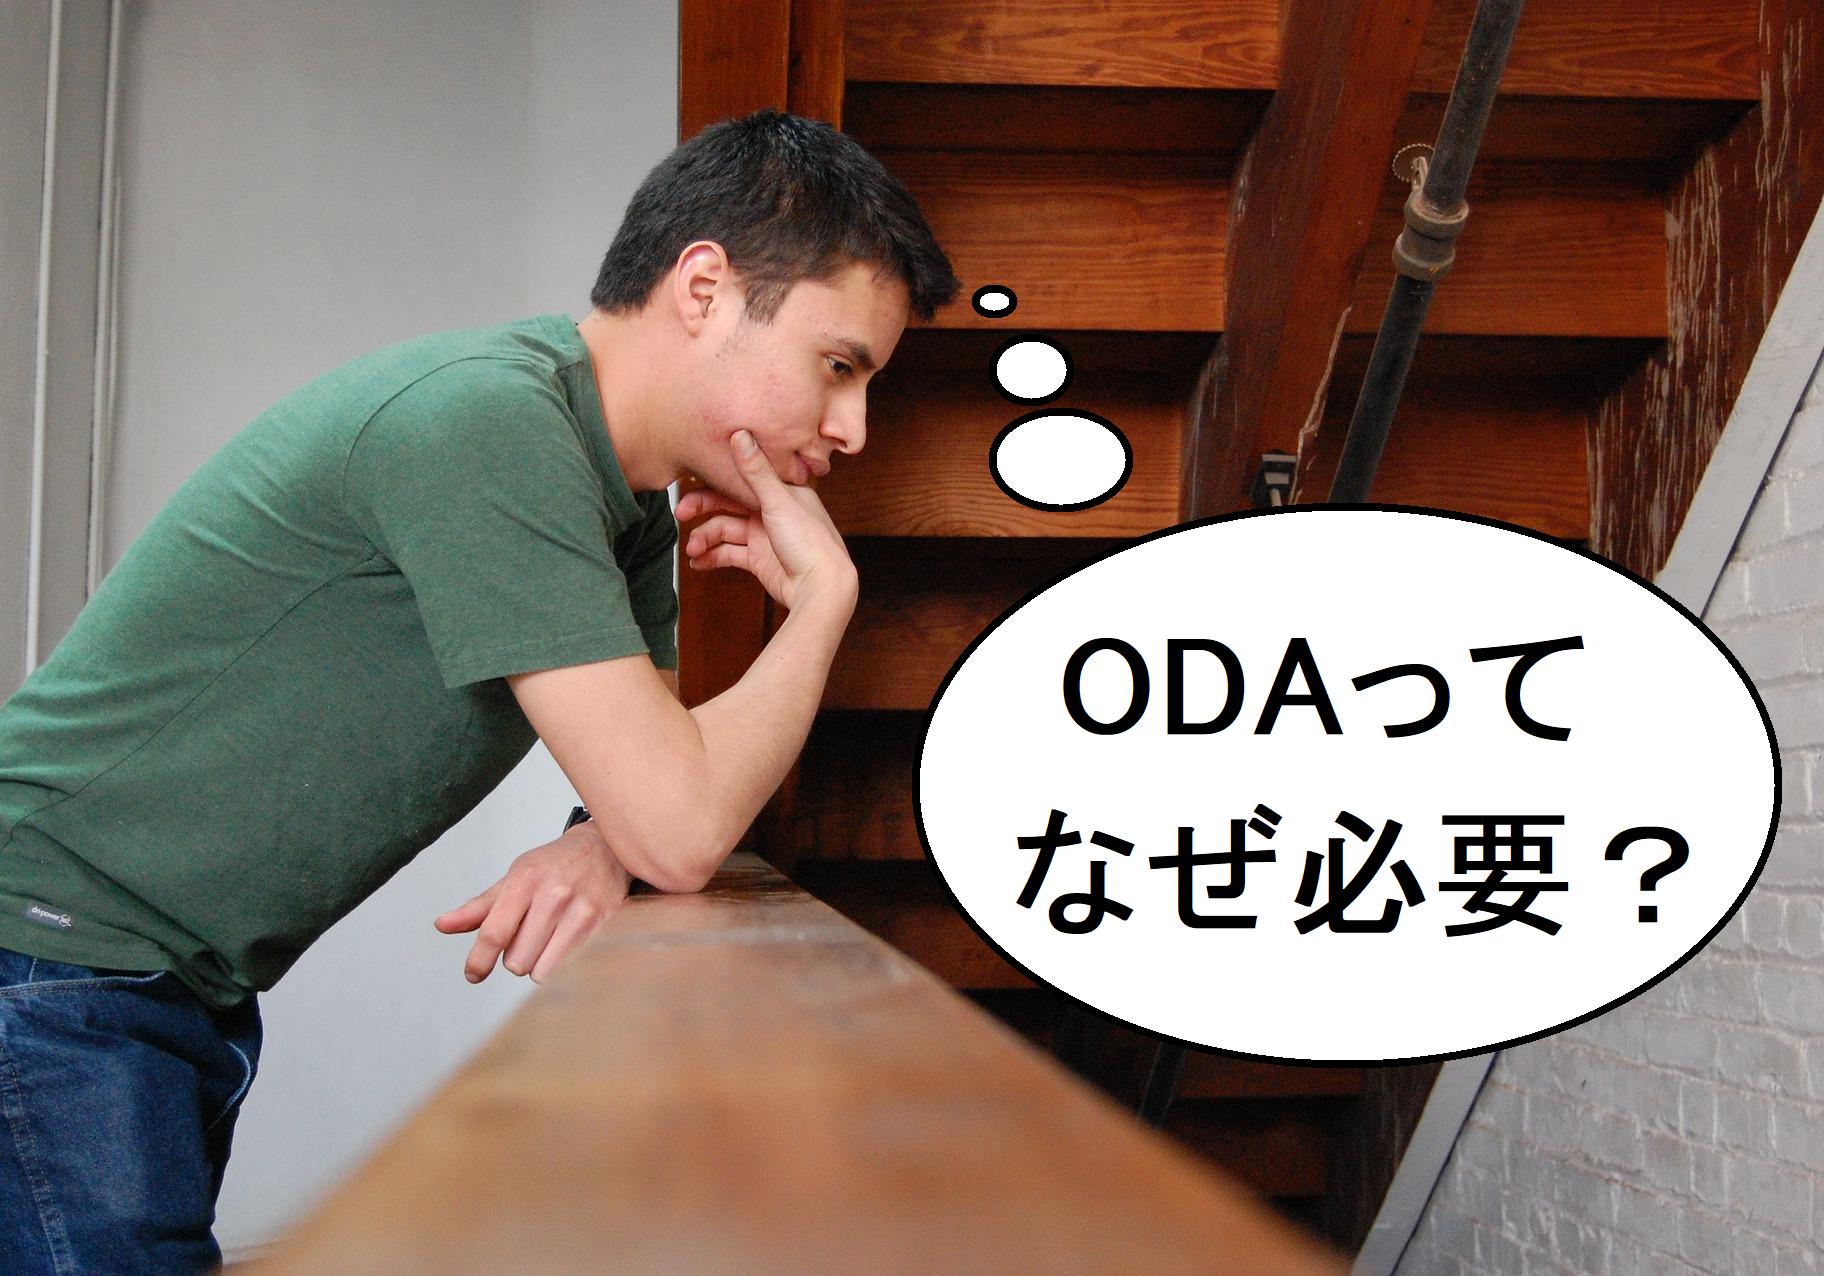 【4分で分かる】ODAはなぜ必要か?援助される国/援助する国のメリットは?